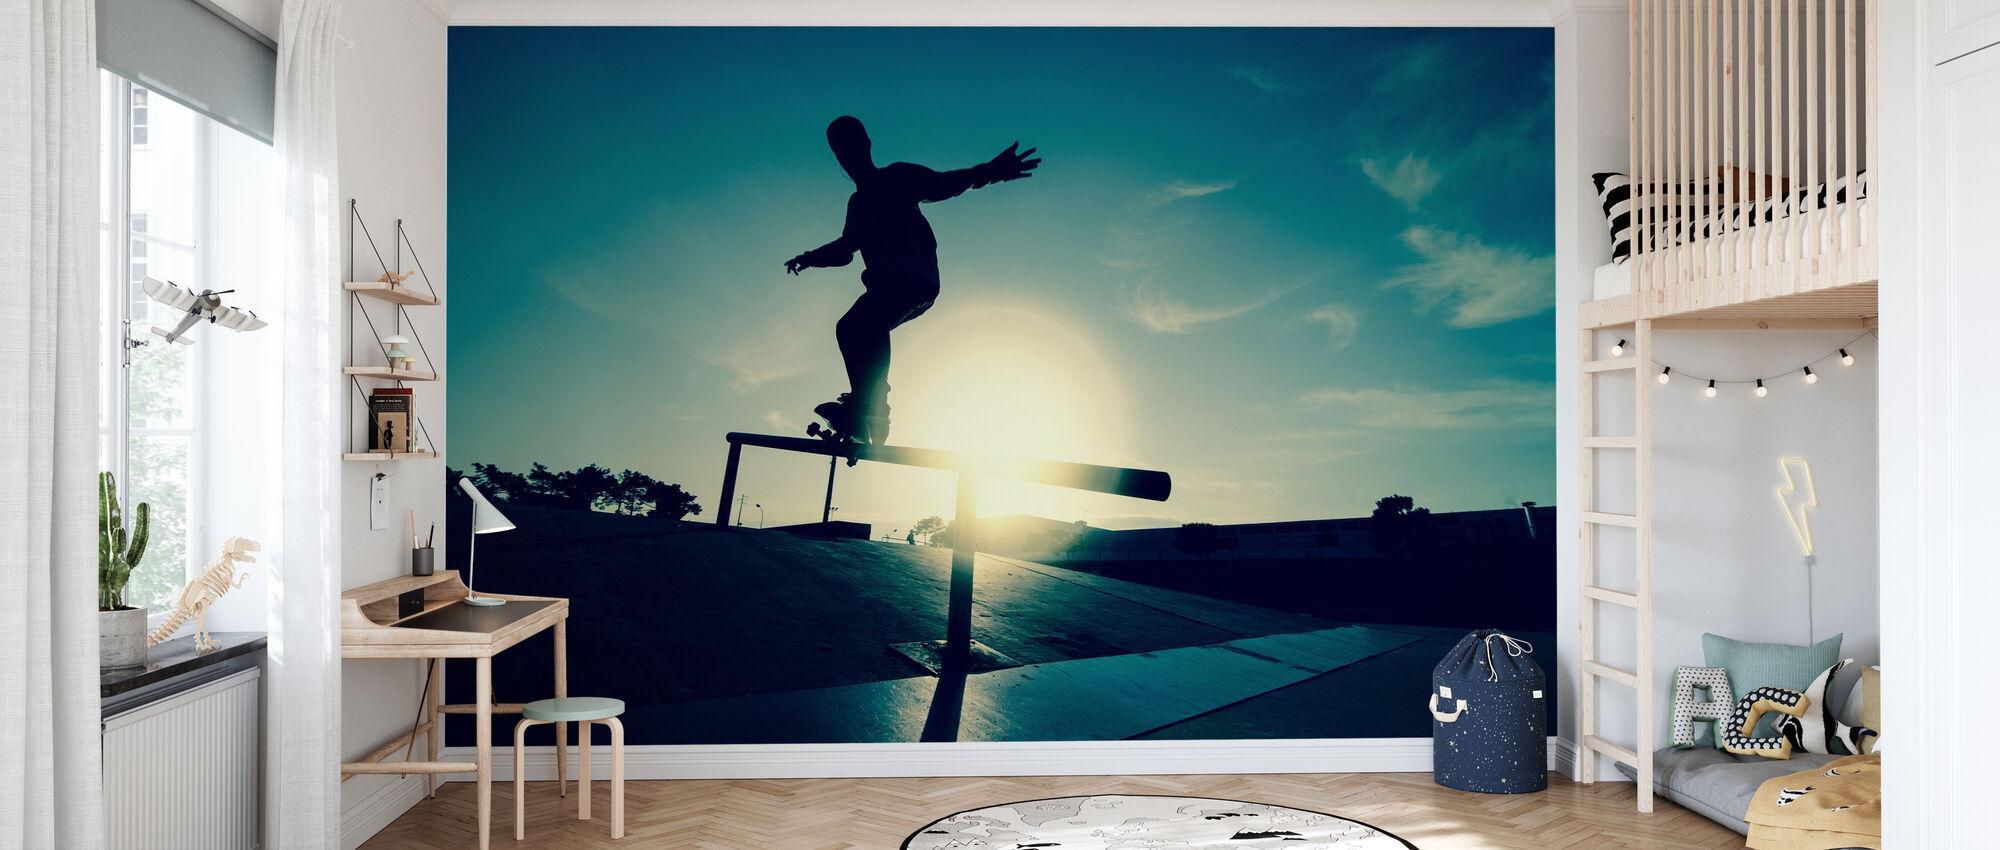 Skateboarder on a Grind - Wallpaper - Kids Room